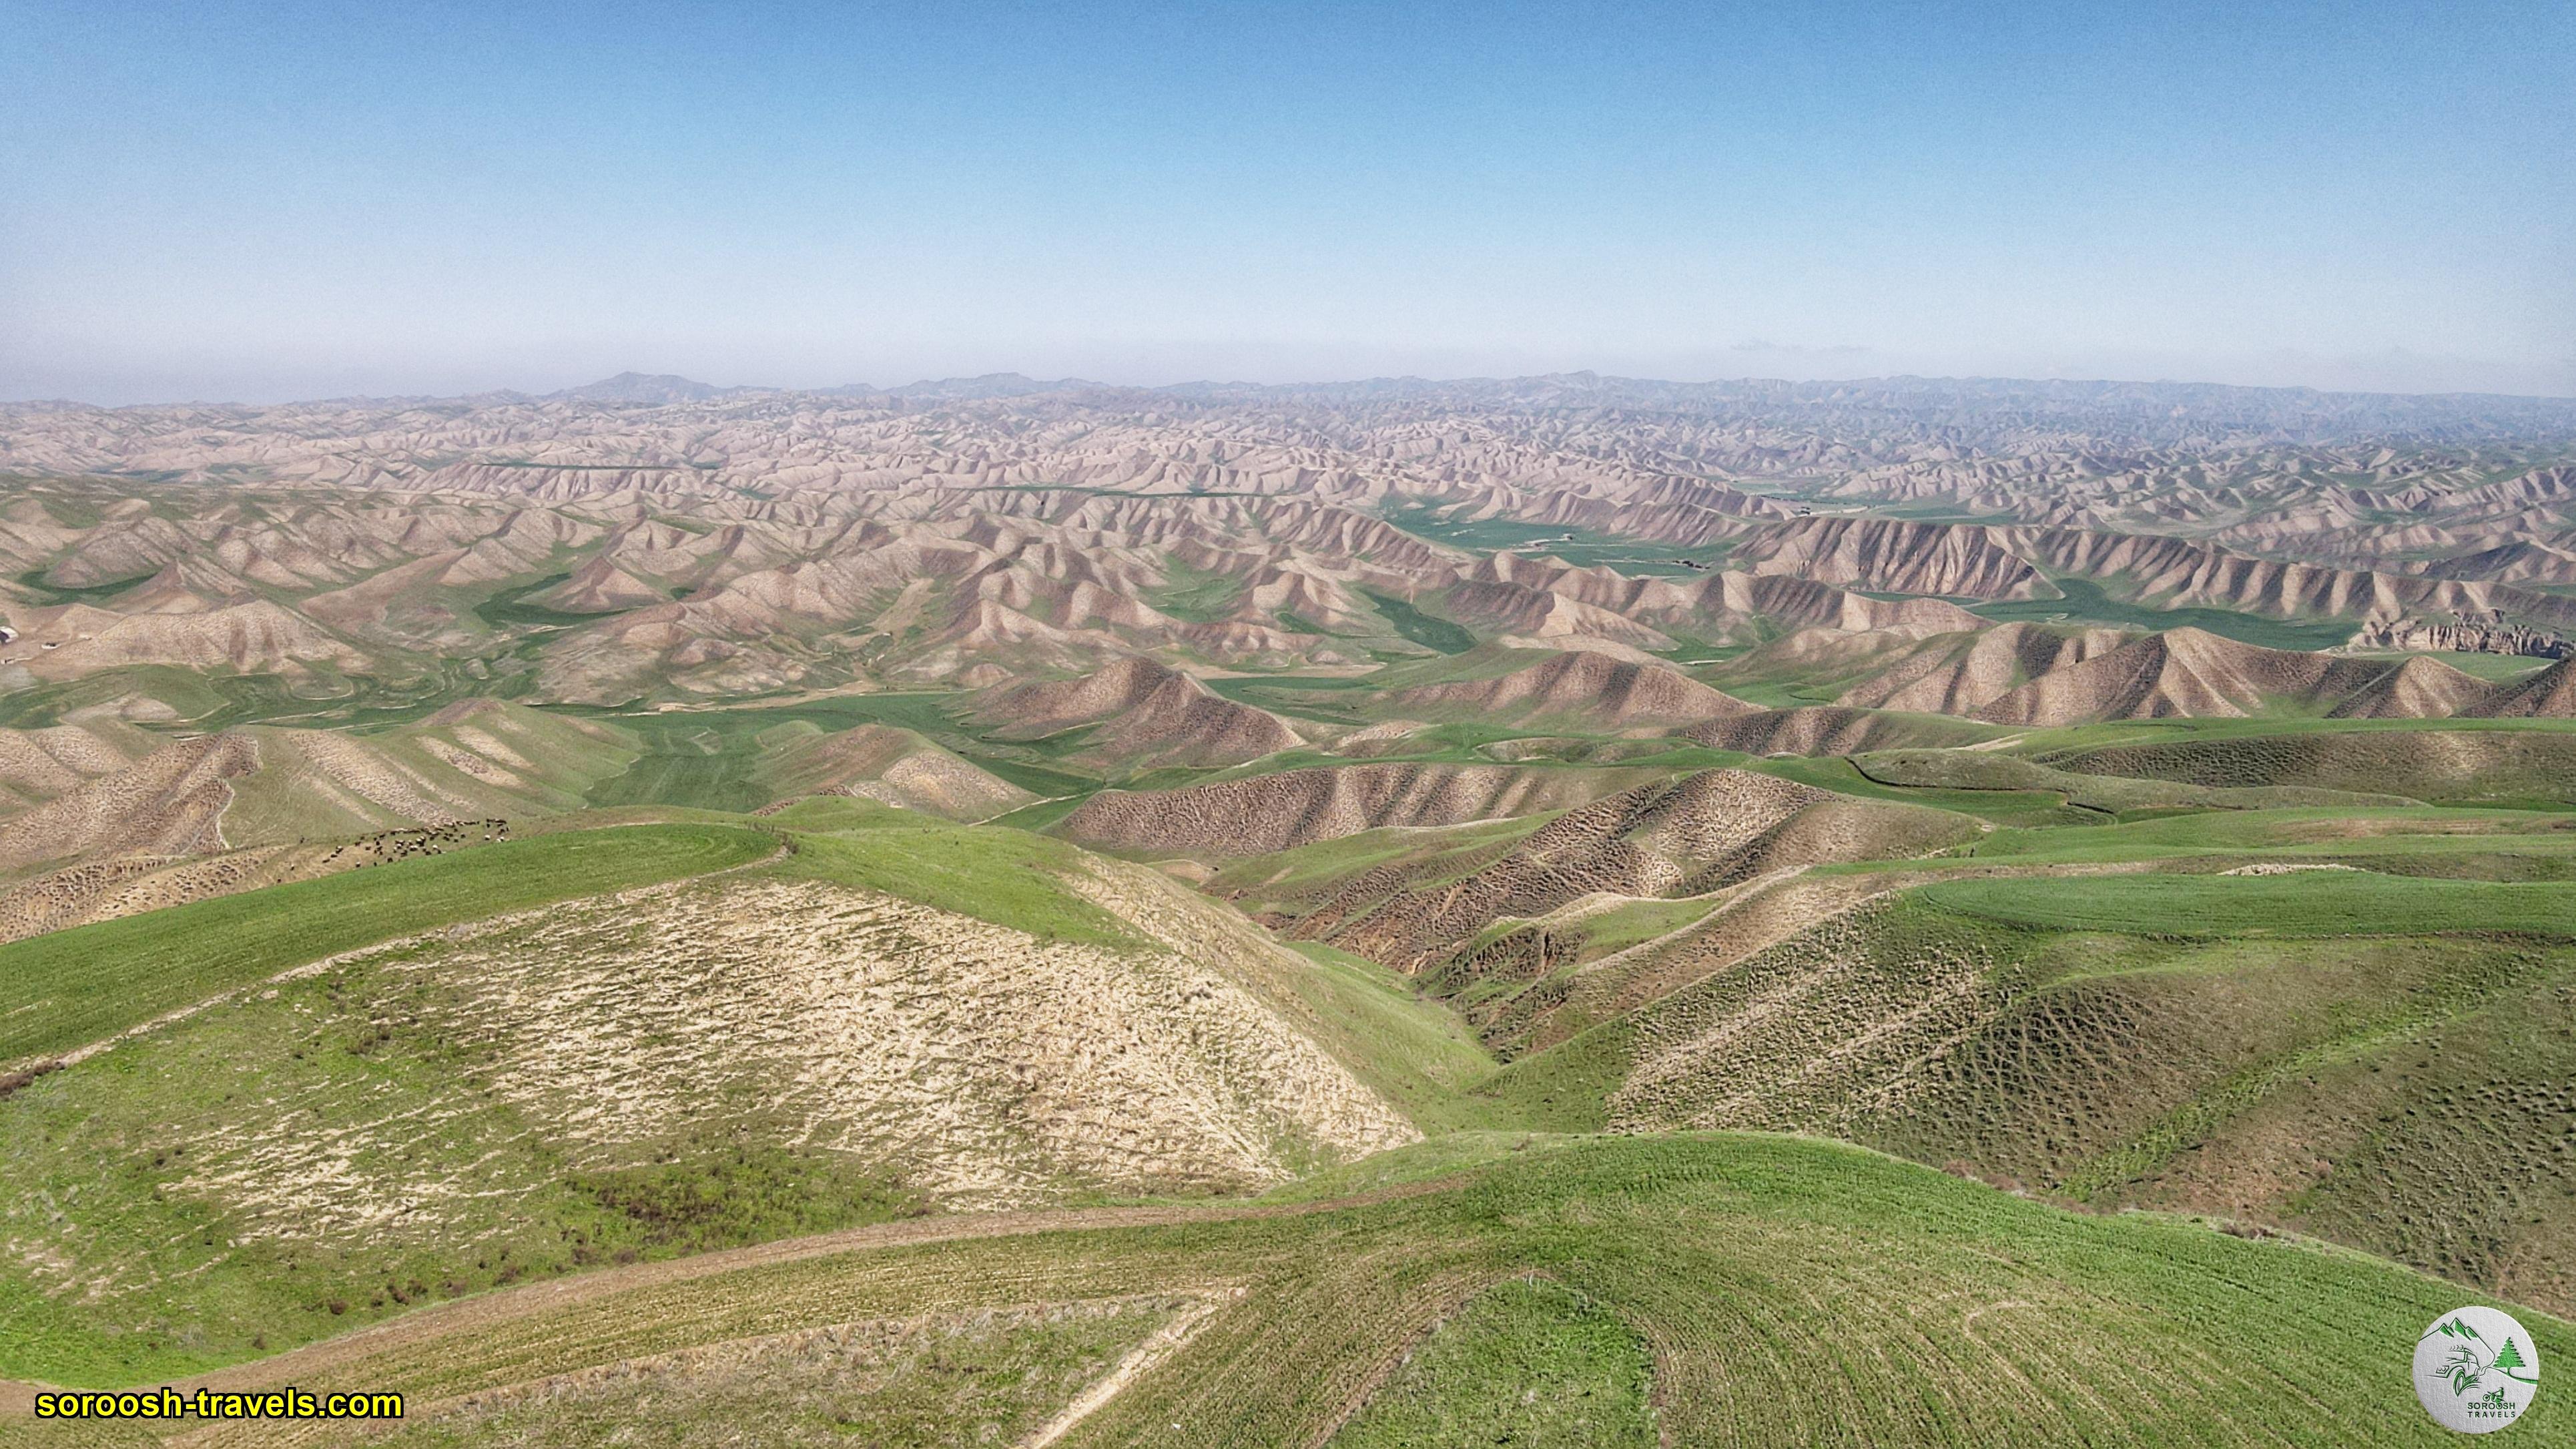 مناطق زیبای تورکمن صحرا - نوروز 1400